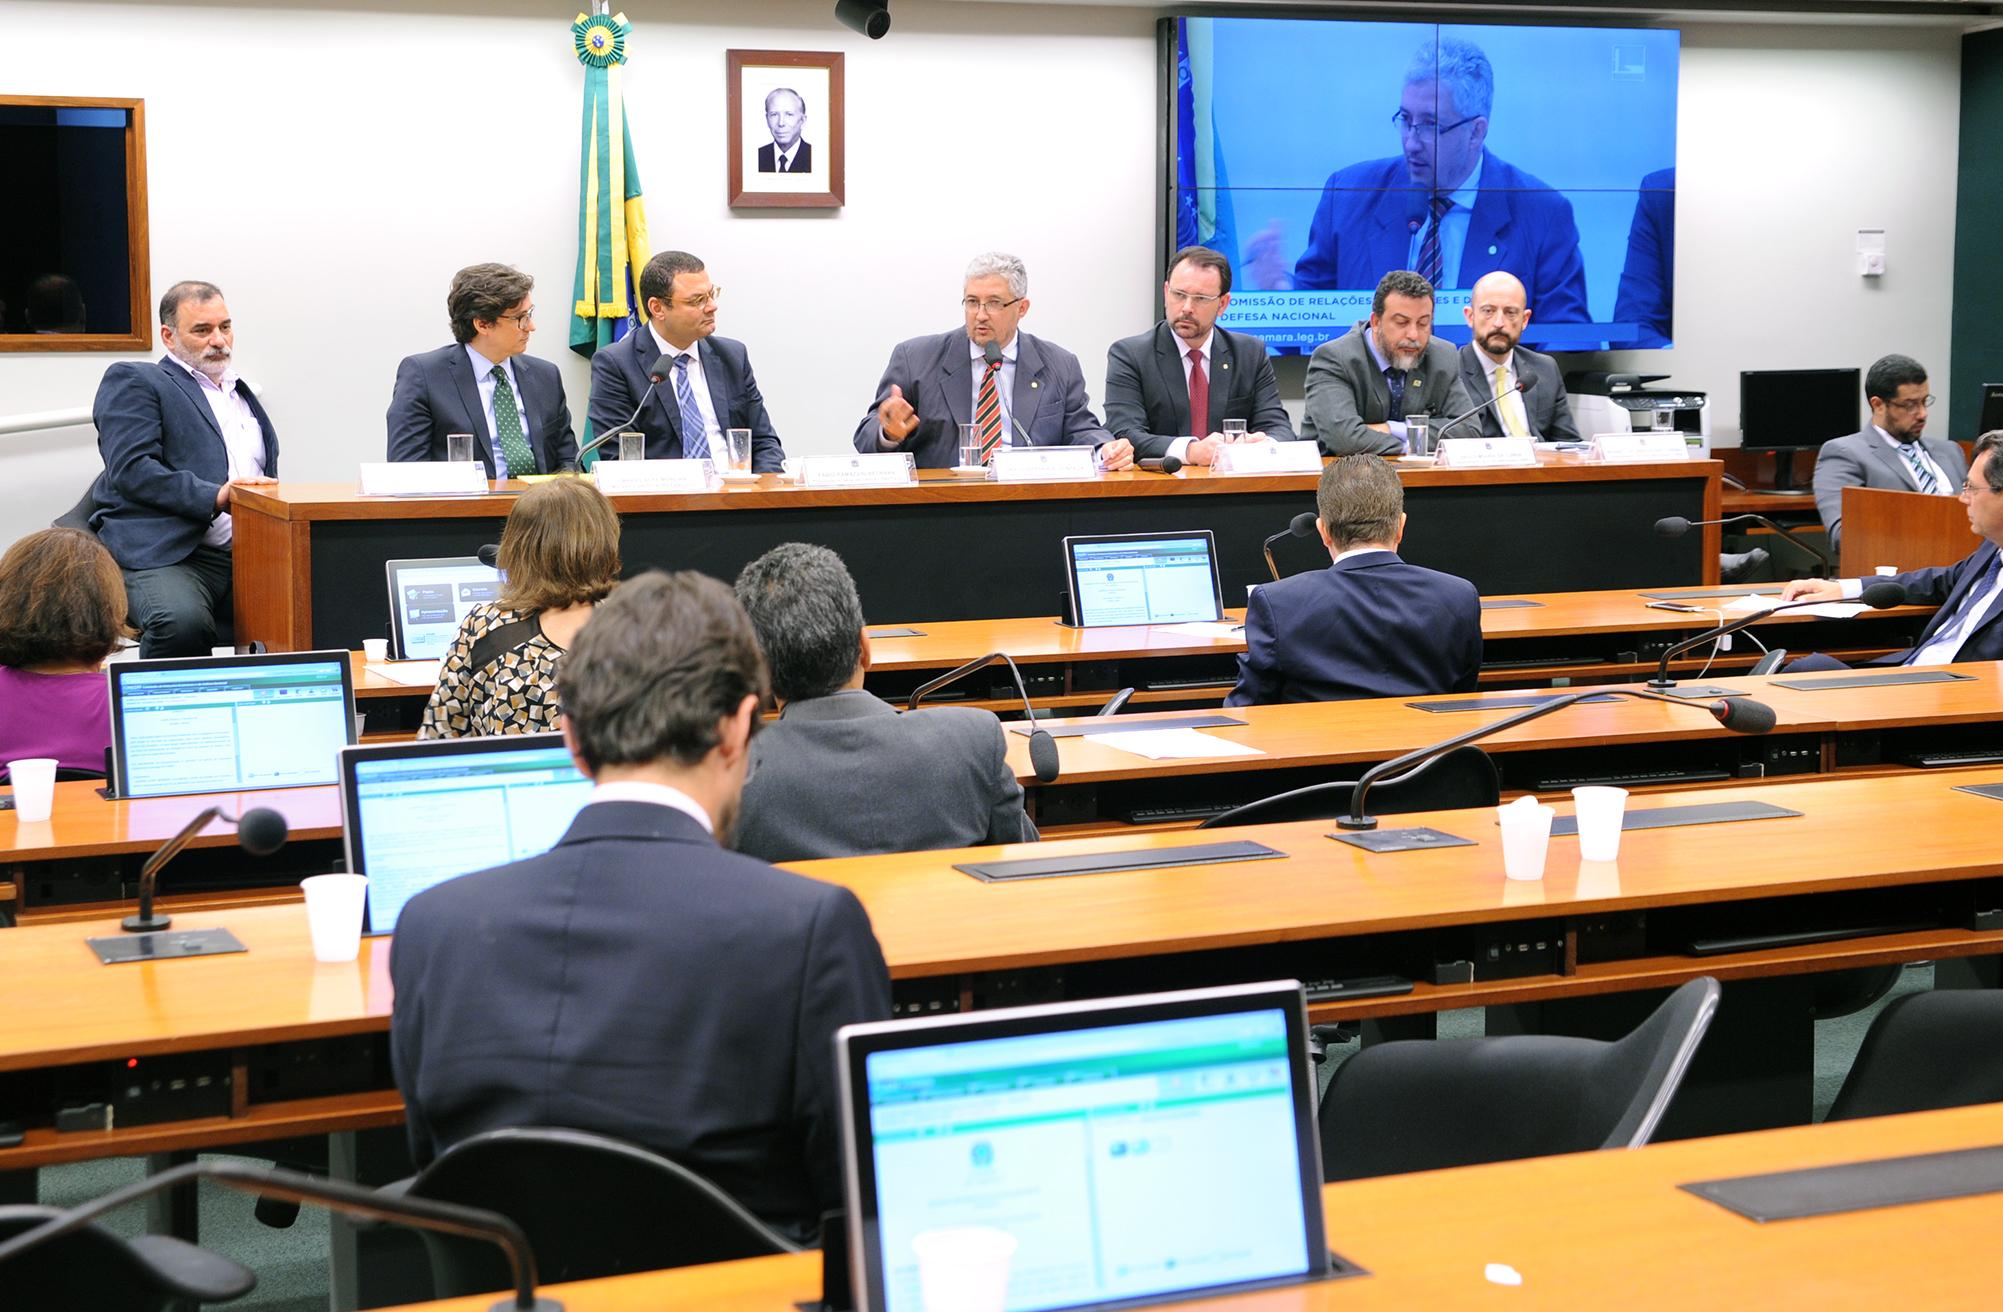 Audiência pública sobre os acordos bilaterais e/ou multilaterais já firmados pelo Brasil ou em fase de negociação, bem como aqueles necessários, porém não firmados, no que tange, especialmente, ao estabelecimento de um fluxo de informações de inteligência entre as polícias do Brasil e dos países com os quais faz fronteira